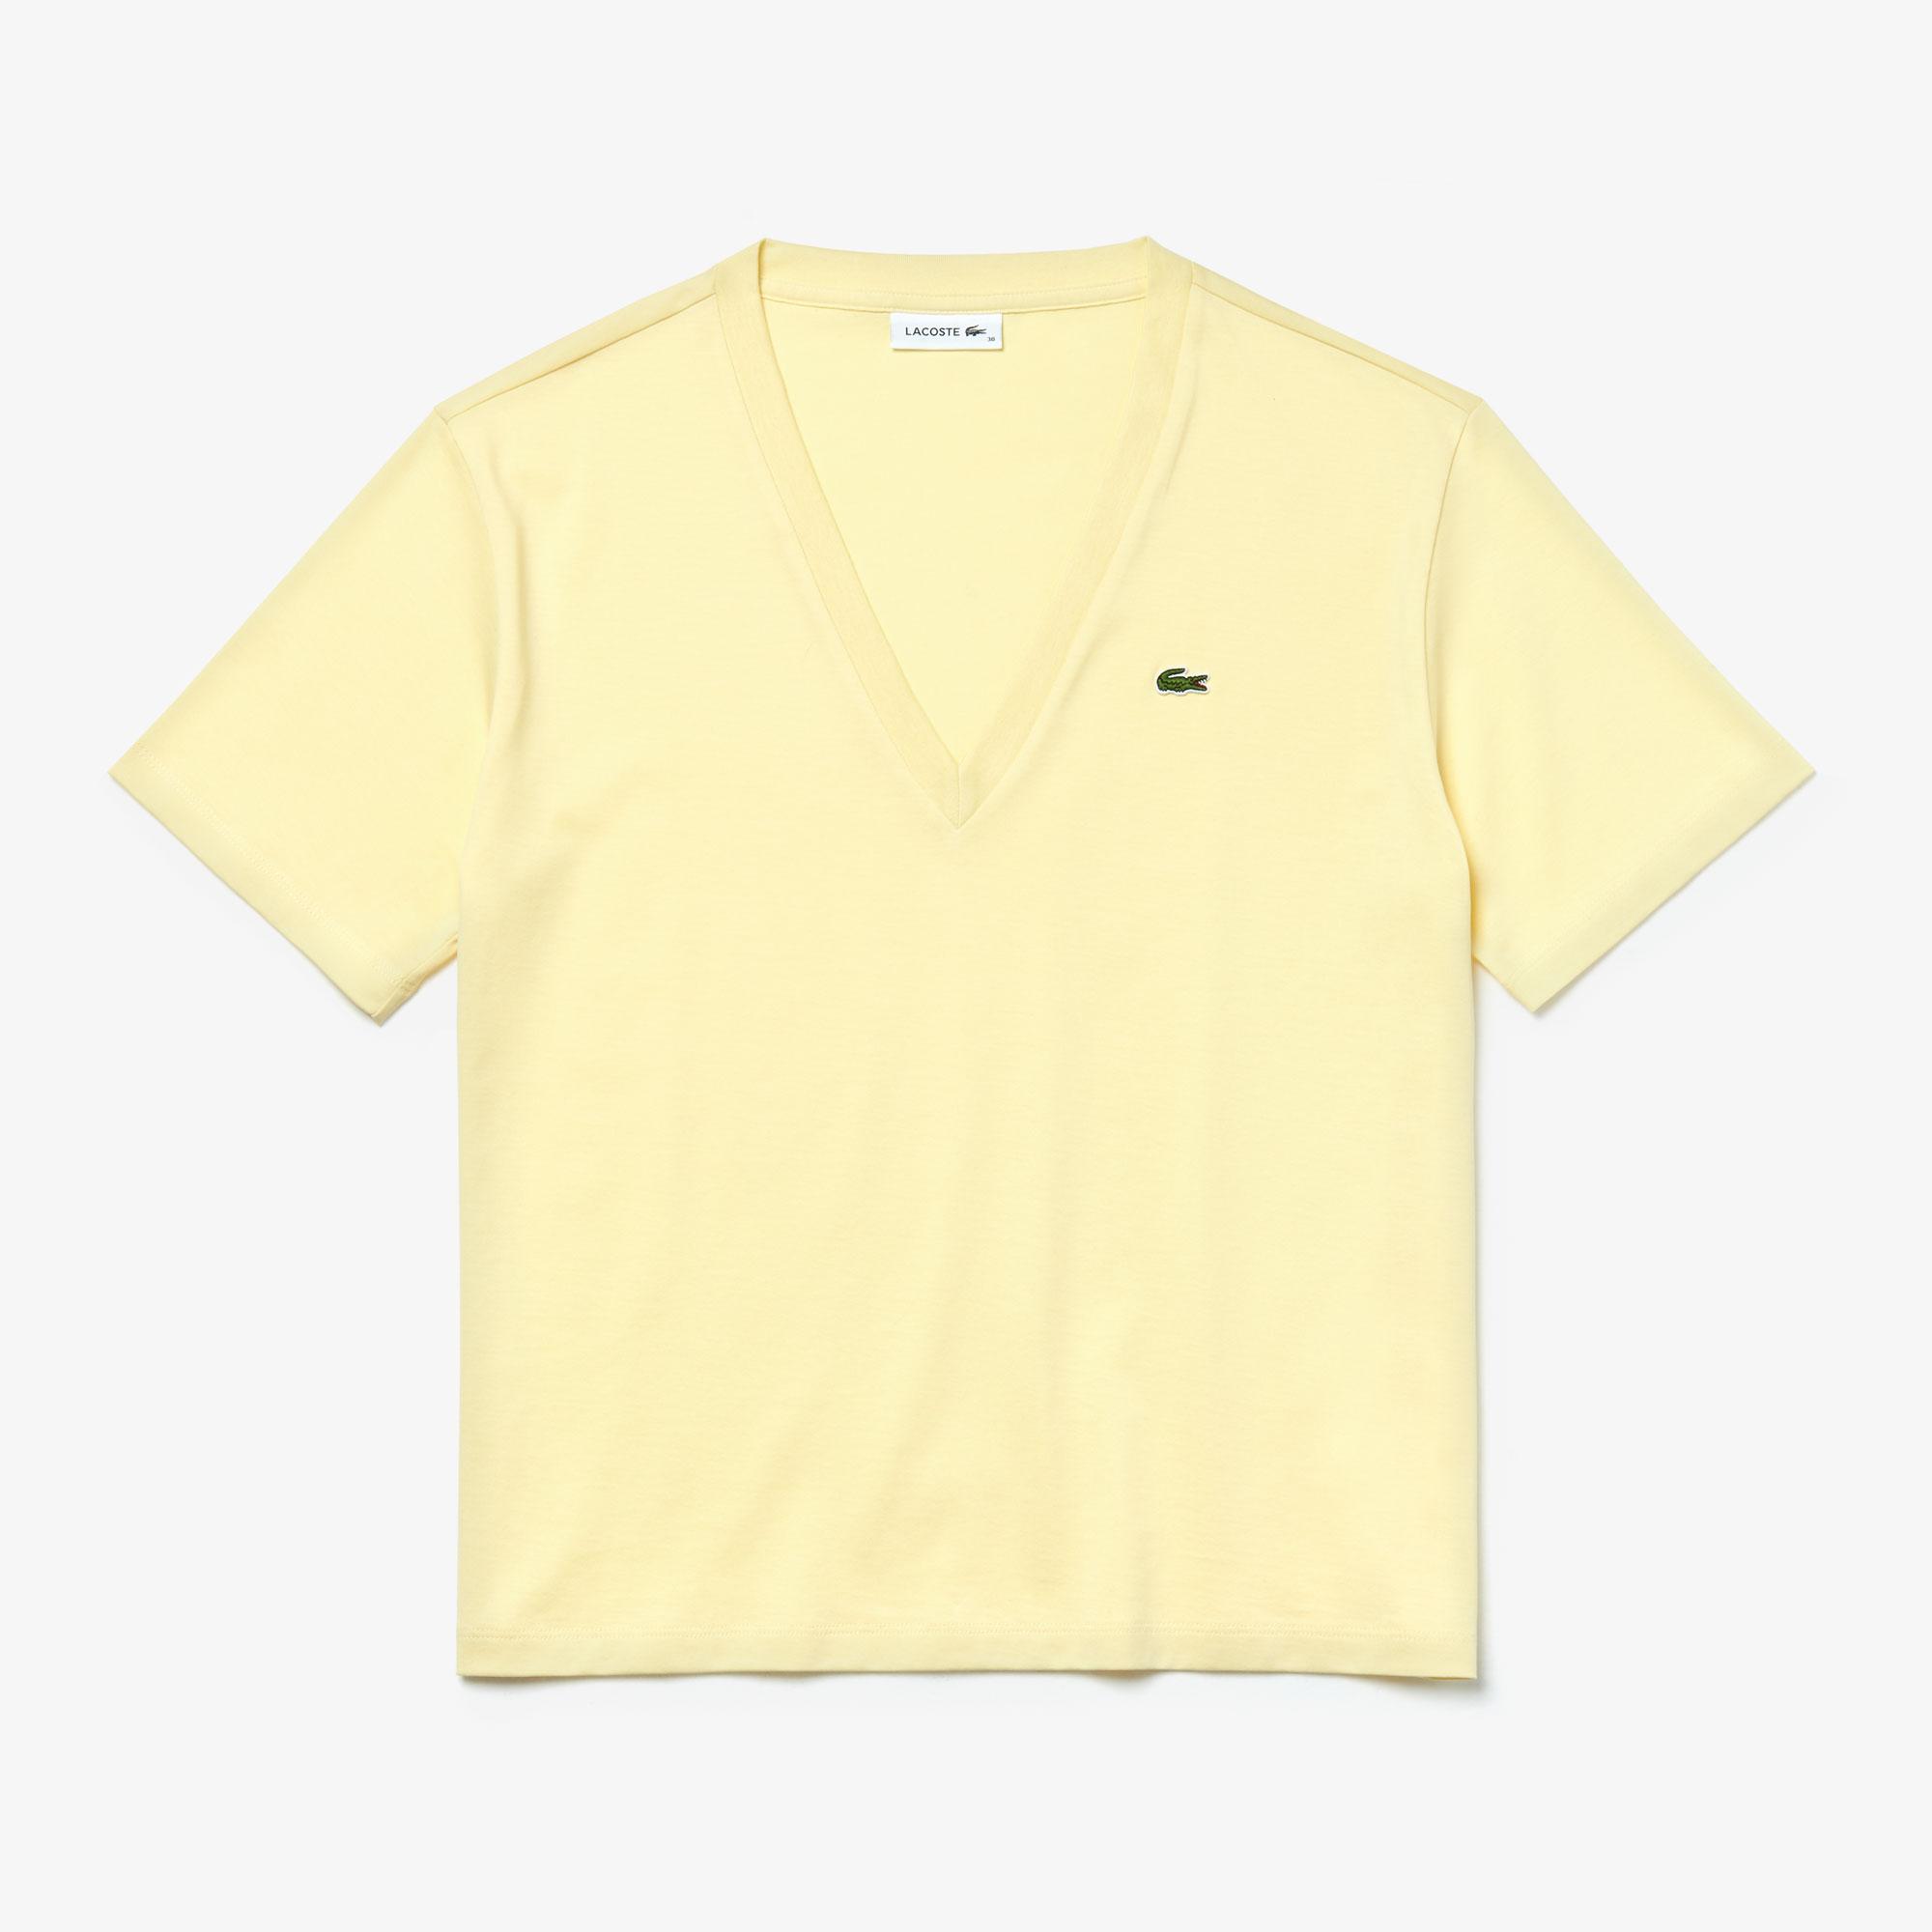 Lacoste Damski Bawełniany T-Shirt Wysokiej Jakości Z Dekoltem W Kształcie Litery